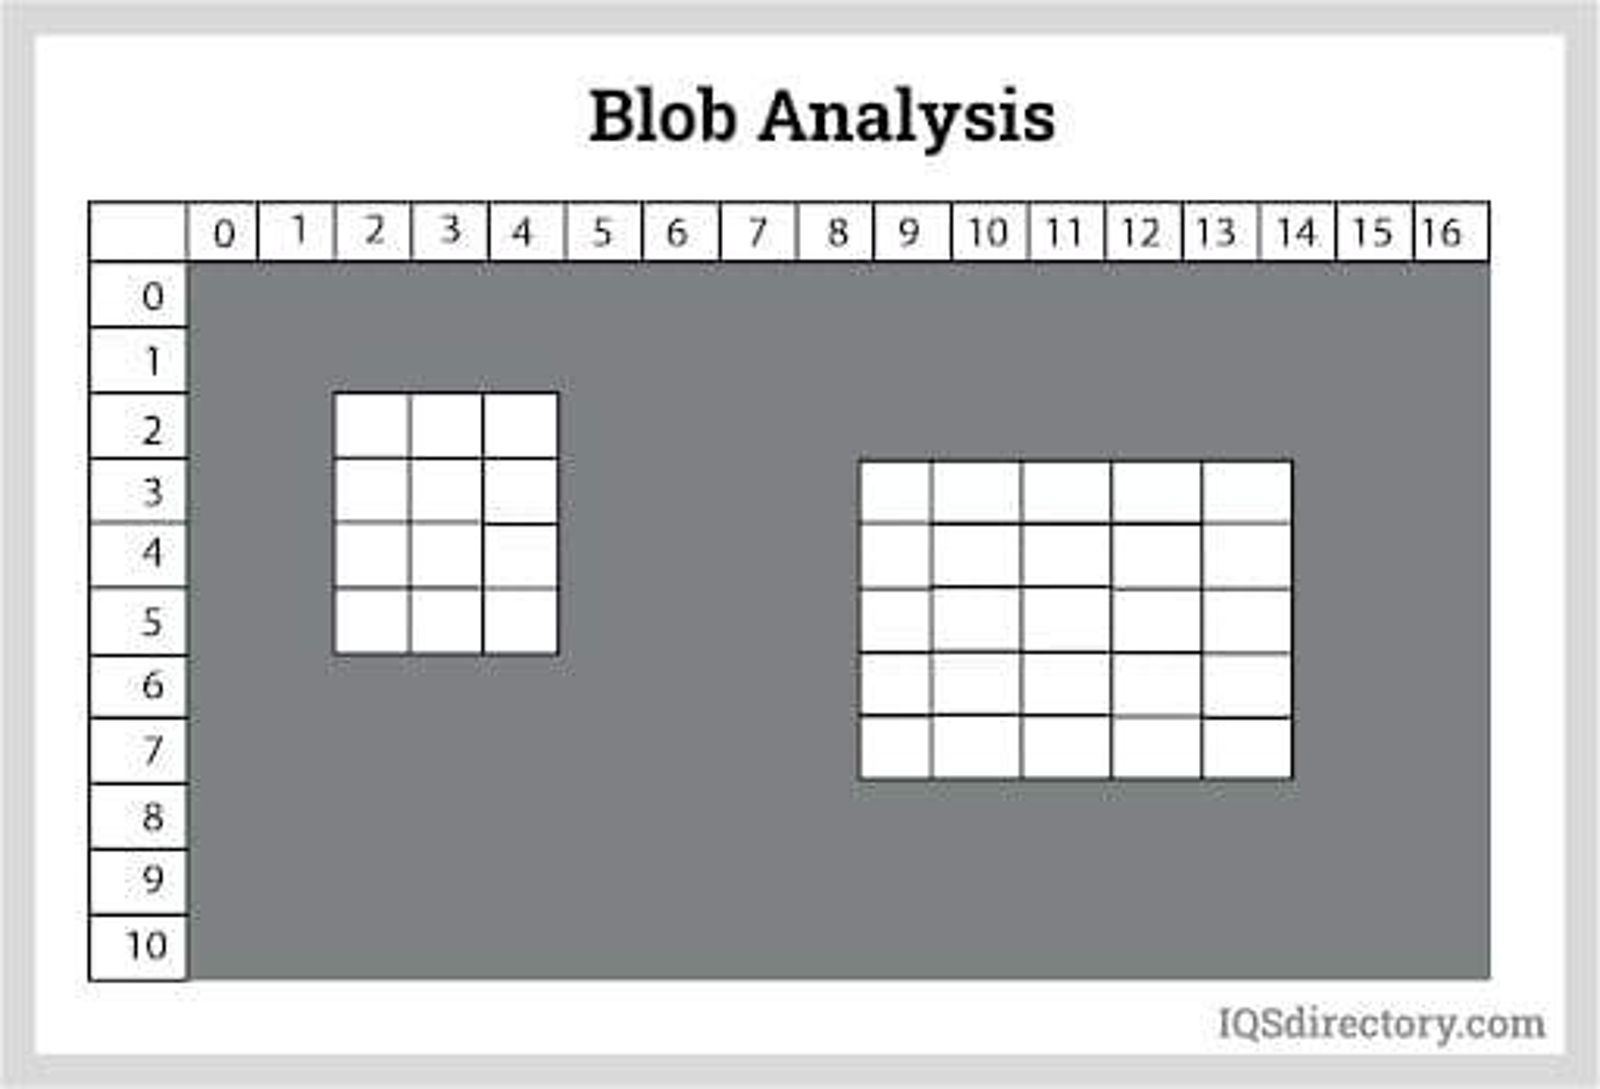 Blob Analysis